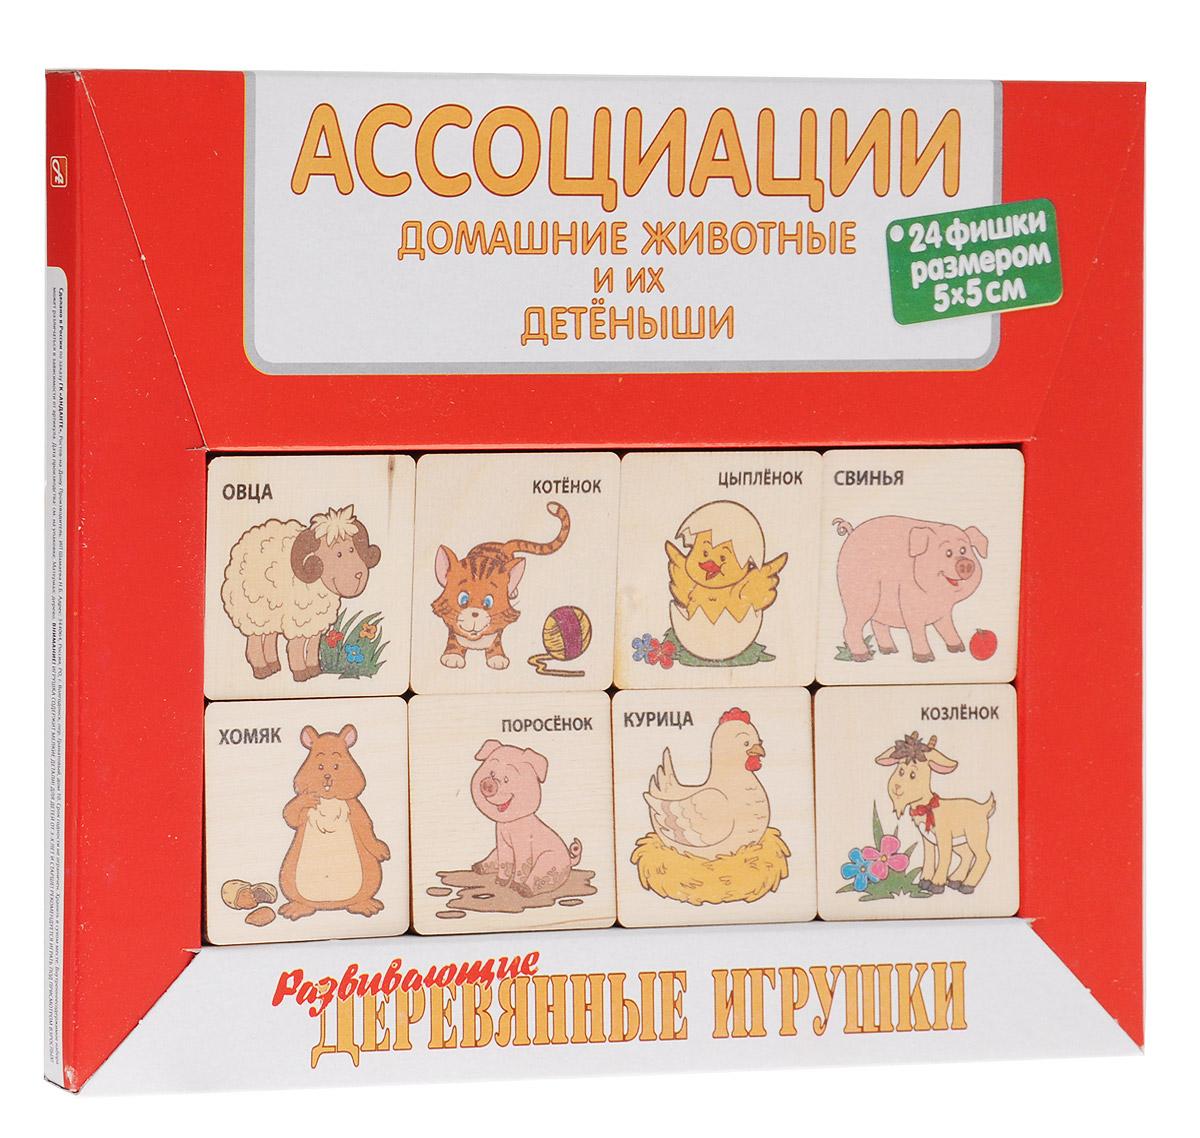 Развивающие деревянные игрушки Обучающая игра Ассоциации: домашние животные и их детенышиД450аИгра Ассоциации: домашние животные и их детеныши познакомит ребёнка с окружающим животным миром. Фишки большого размера (5 см х 5 см) прекрасно подойдут даже для самых маленьких игроков. Малышу удобно держать такие фишки. Рисунки на ней - яркие и большие. Покажите малышу фишки с изображениями животных, предложите разделить их на две части: в одну сторону отложить взрослых особей, а в другую - детёнышей. Побеседуйте с ребёнком о каждом животном: его отличительных особенностях, повадках, среде обитания. Помогите ему найти взрослое животное для каждого малыша. С этой игрой можно проводить время не только дома, но и эффективно использовать для занятий в детском саду. Играя, ребёнок развивает целый спектр навыков: моторику, логику, воображение, изучает окружающий мир и цвета.